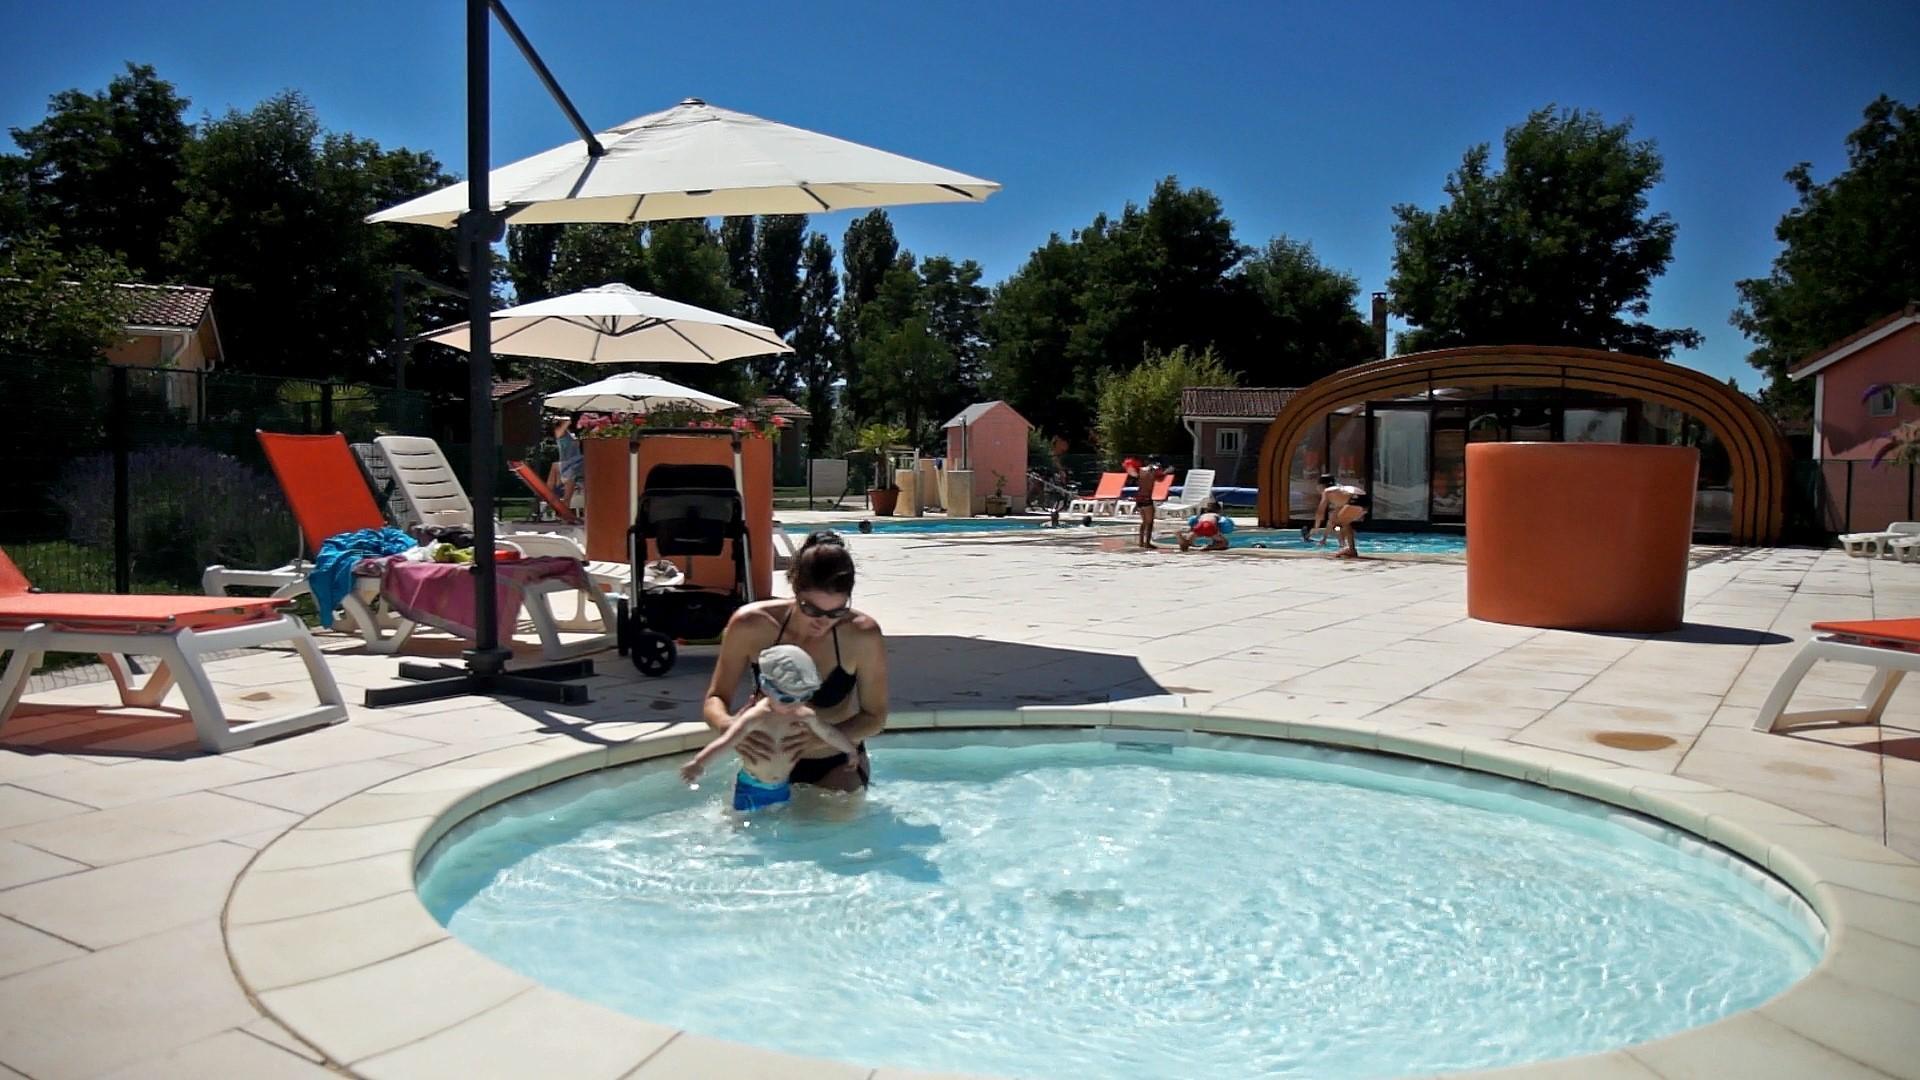 Location gite et village vacances aveyron avec piscine for Location gite avec piscine aveyron